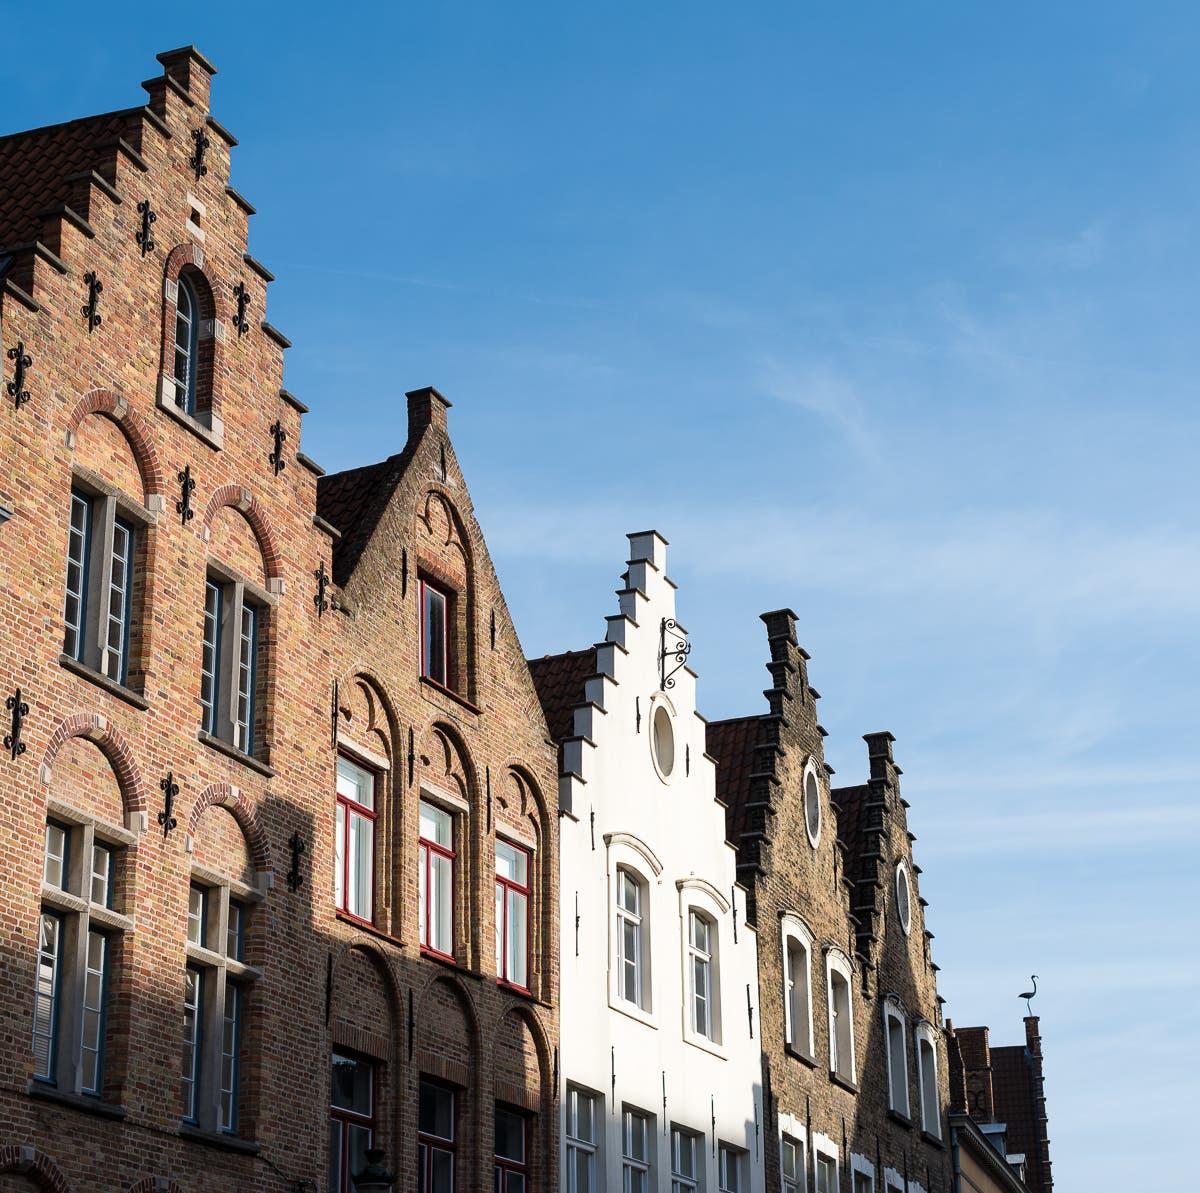 Brügge sehen und schlemmen! Romantische Stadtspaziergänge und neue belgische Küche